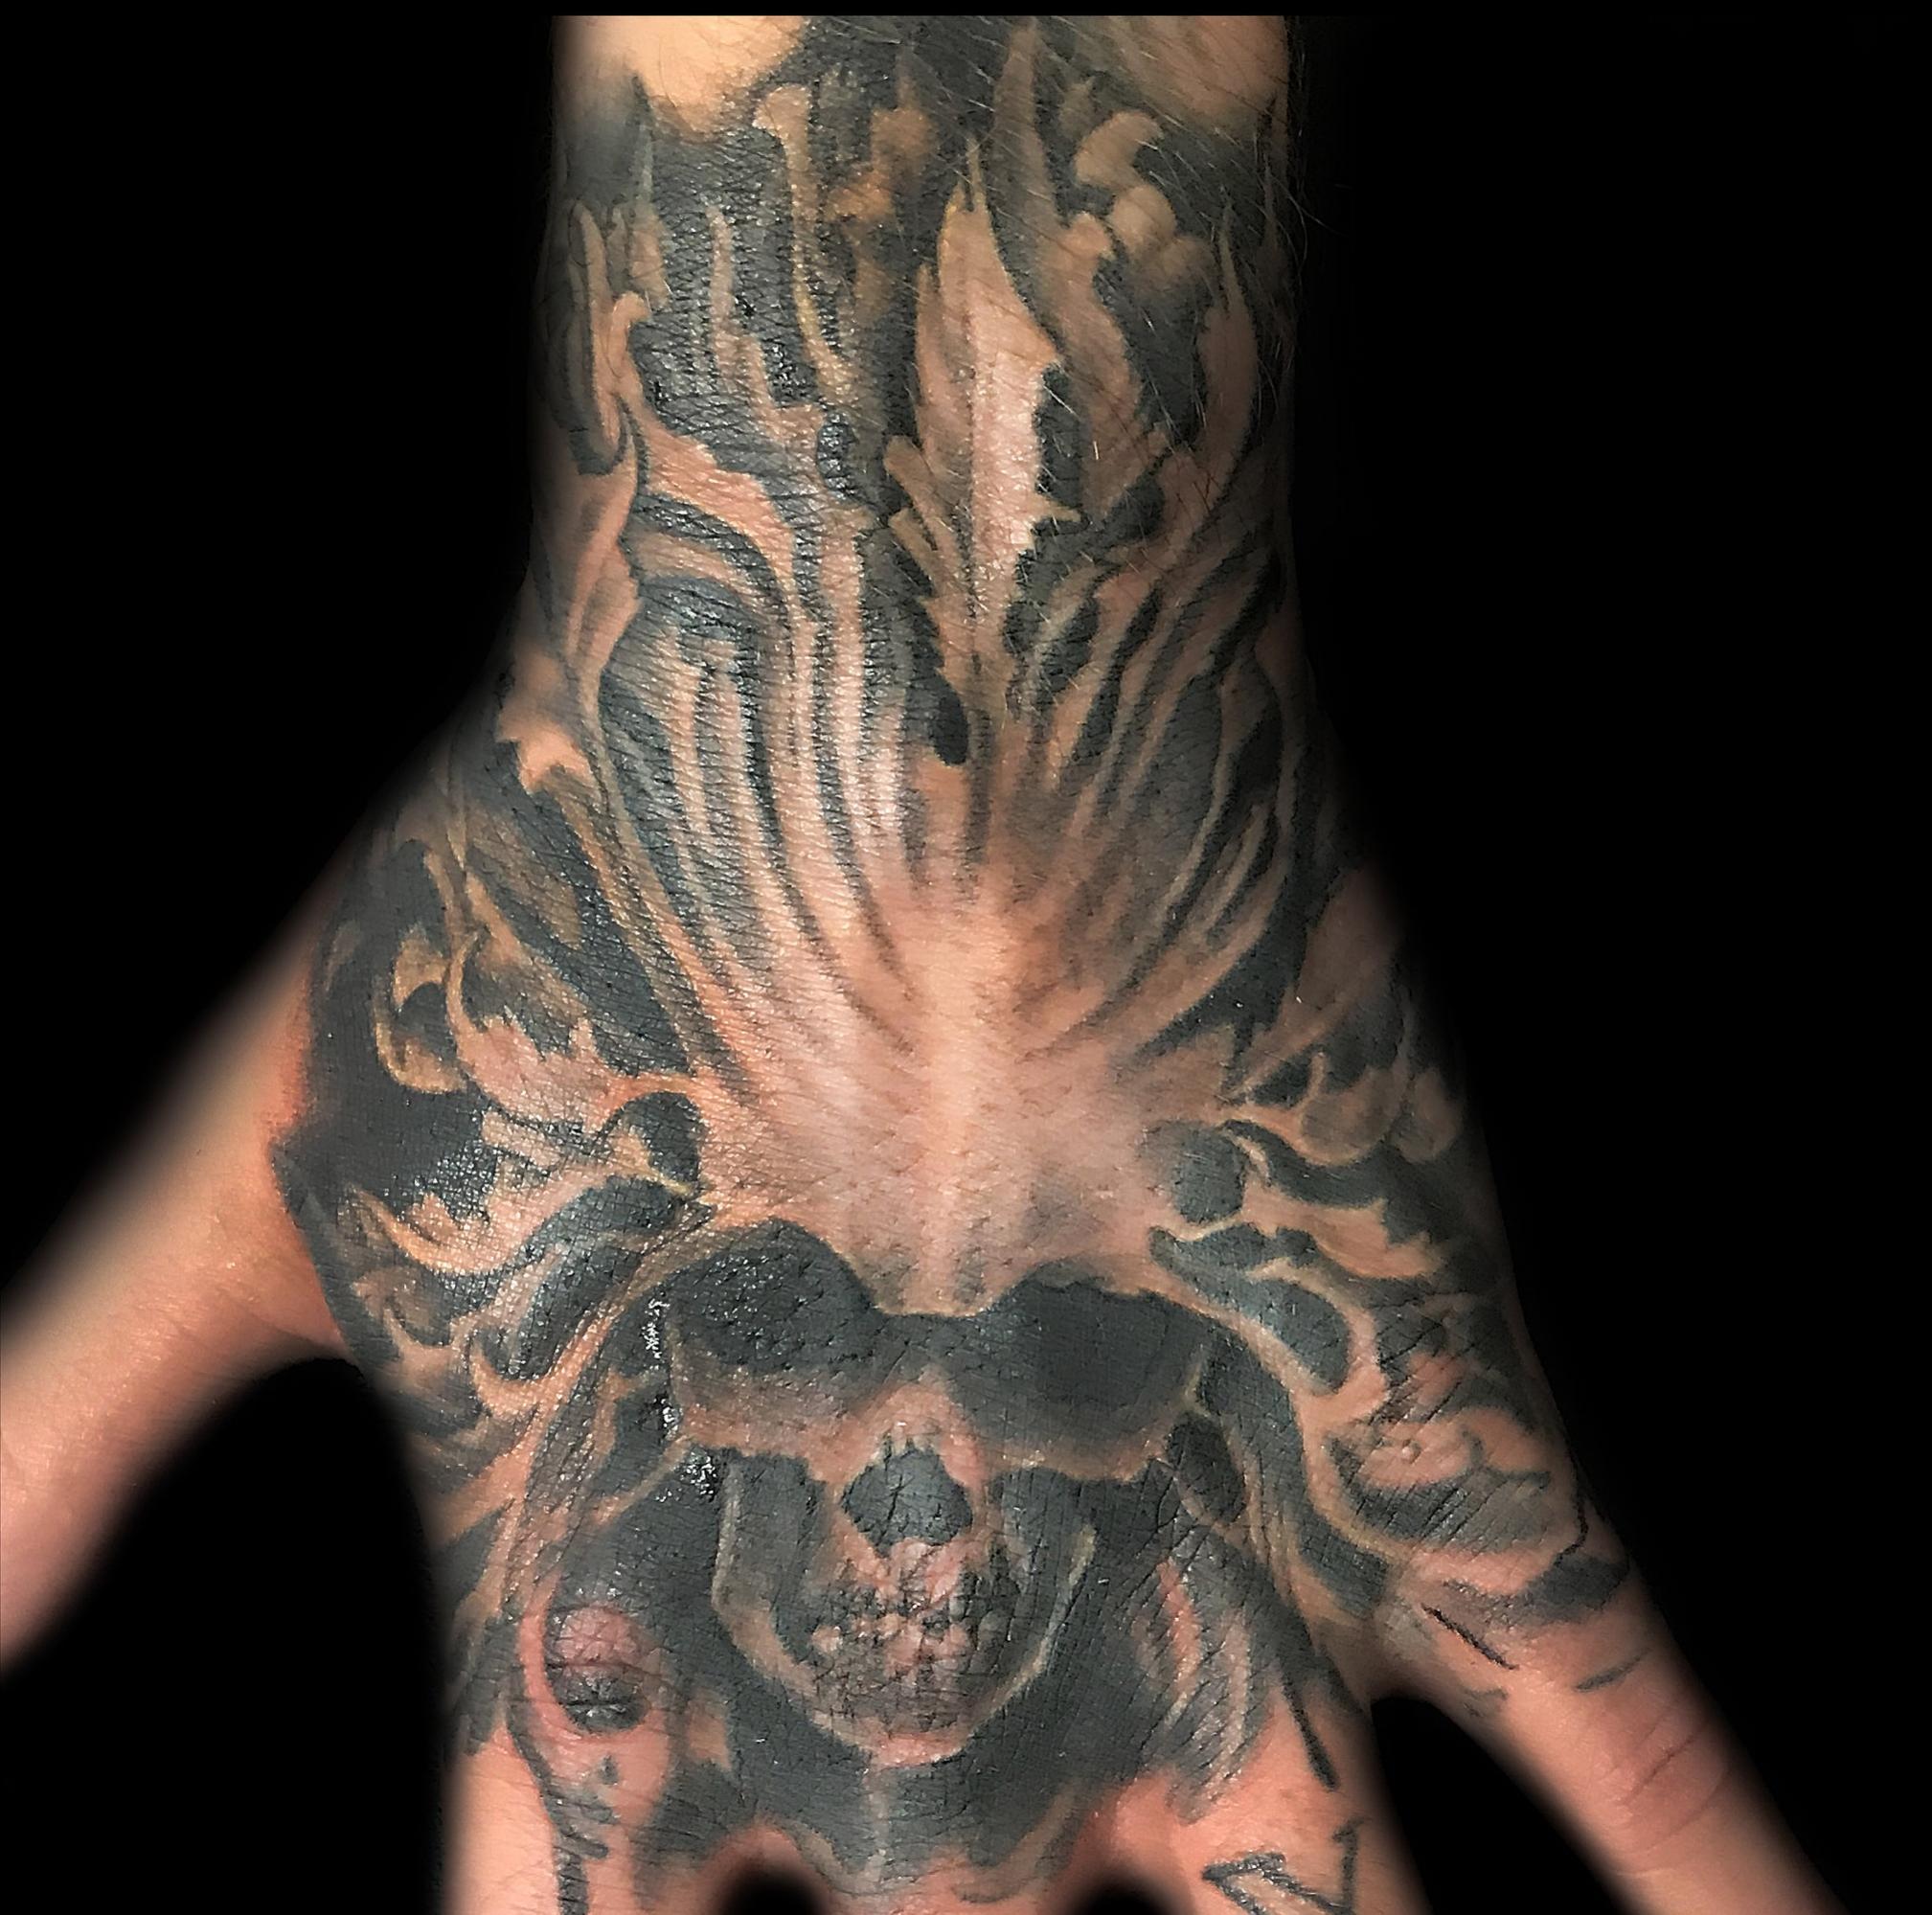 paul skull hand.jpg